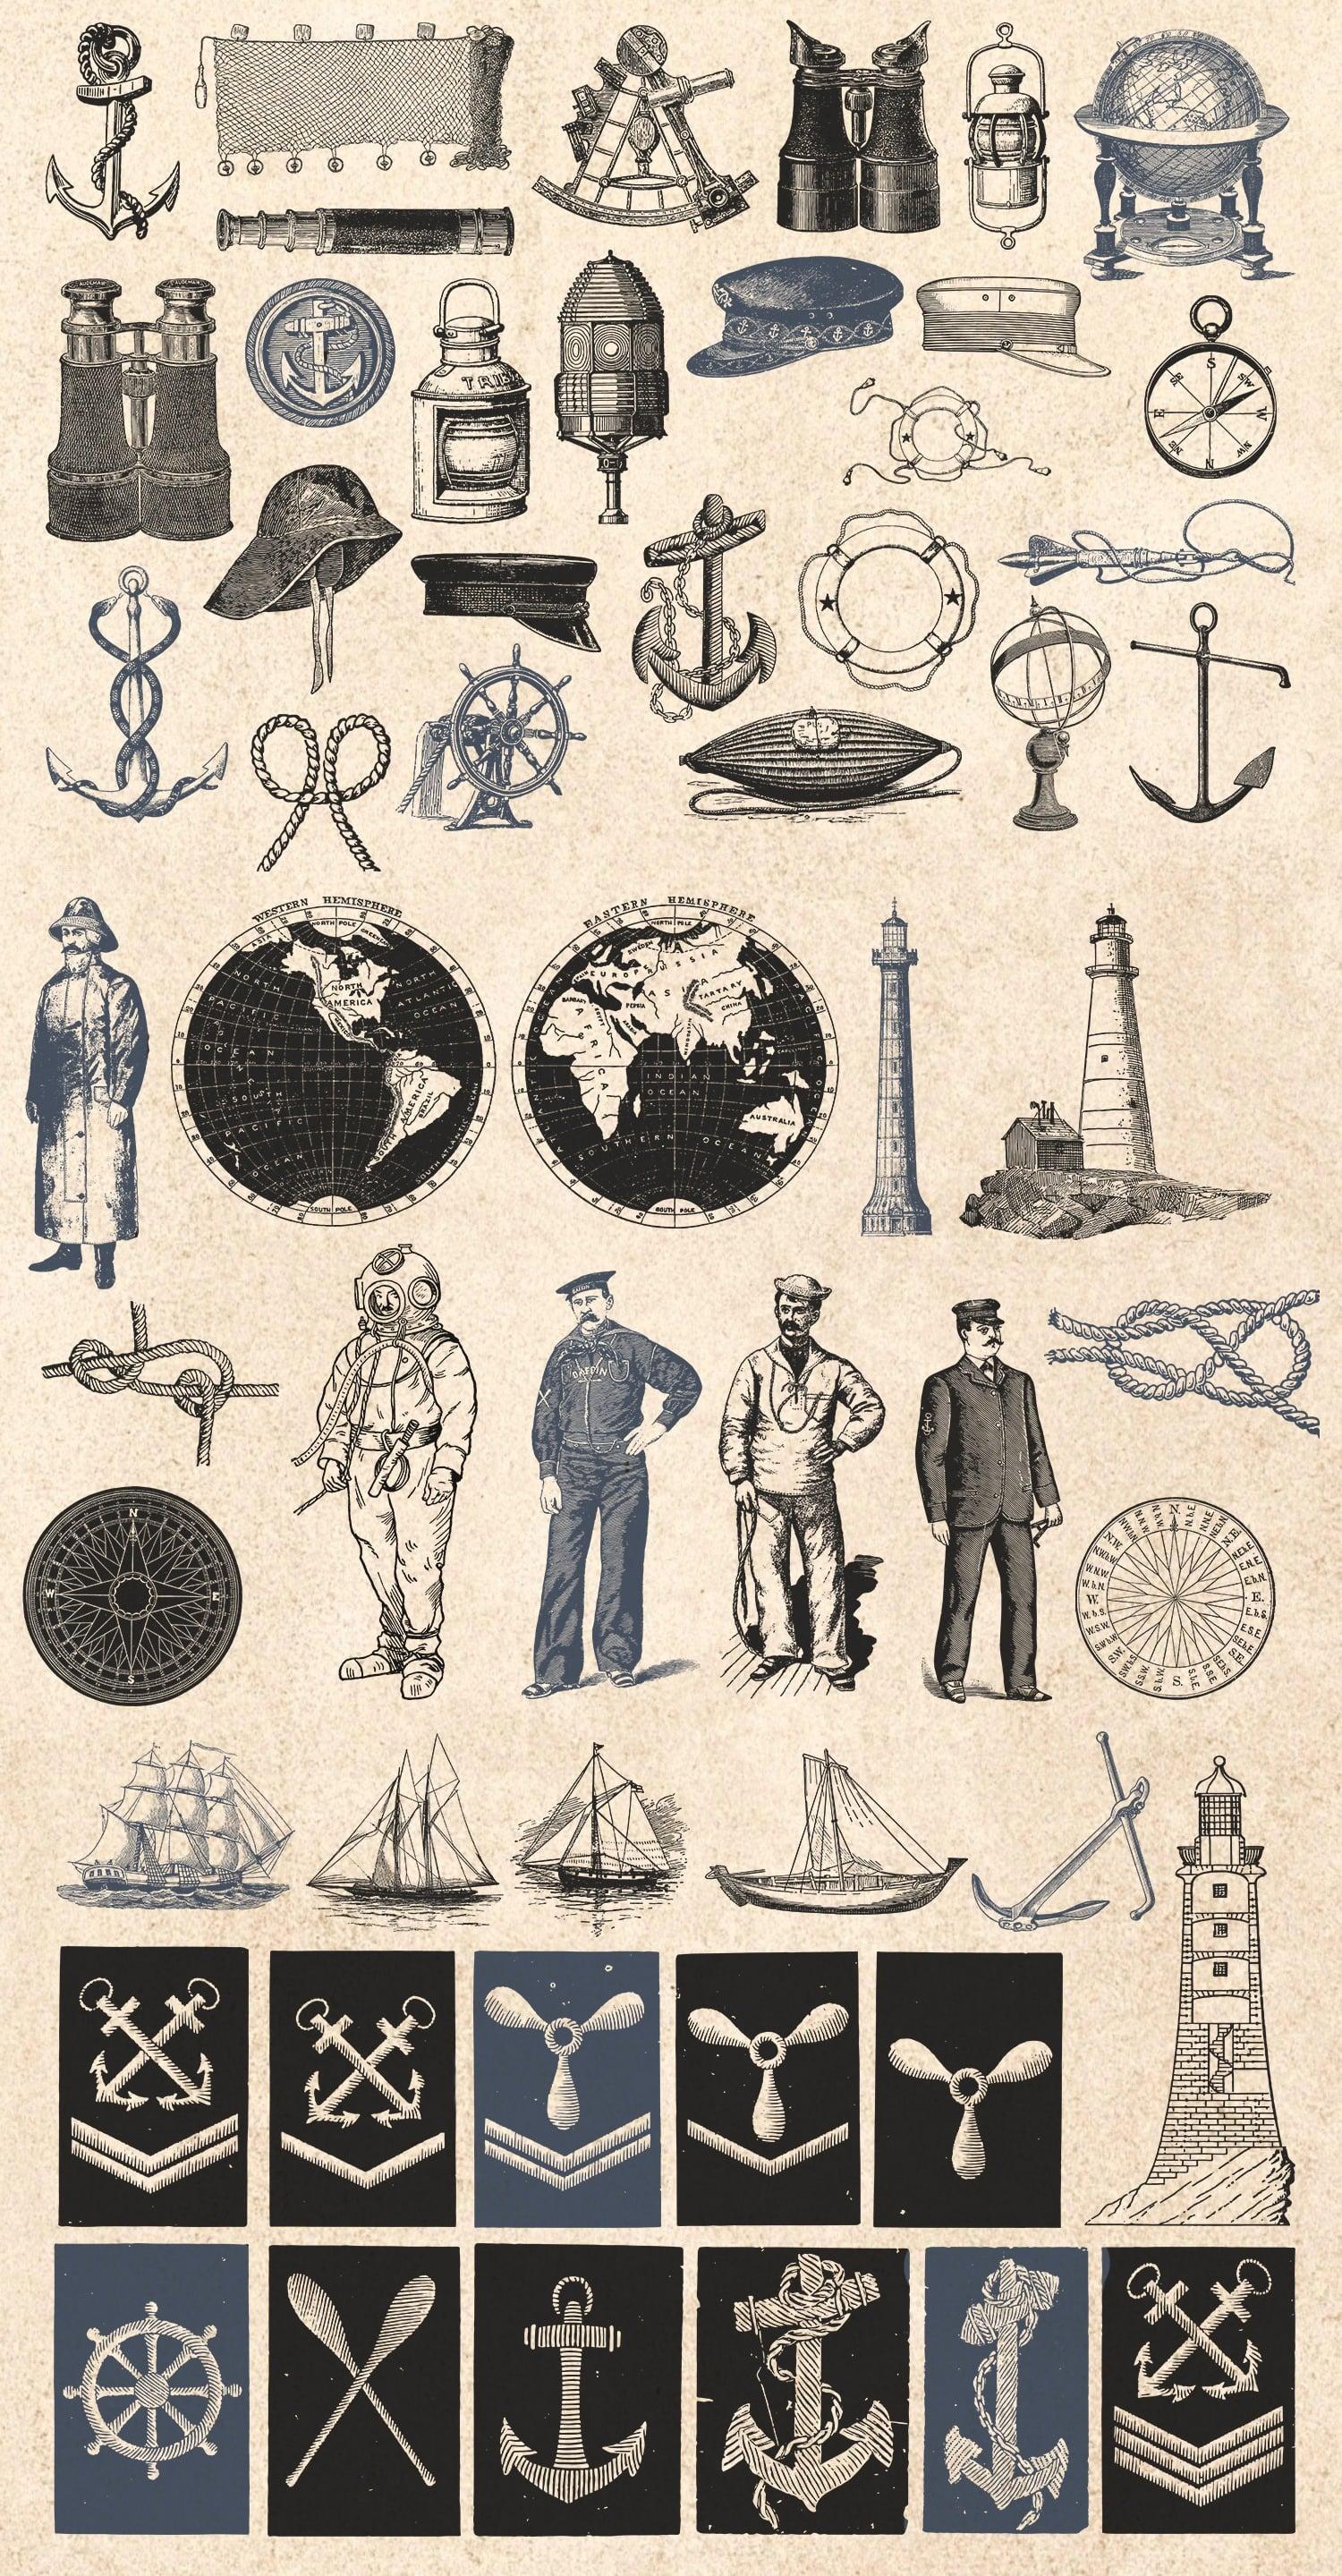 1000 Vintage Illustrations with 80% OFF - 12 seafarer